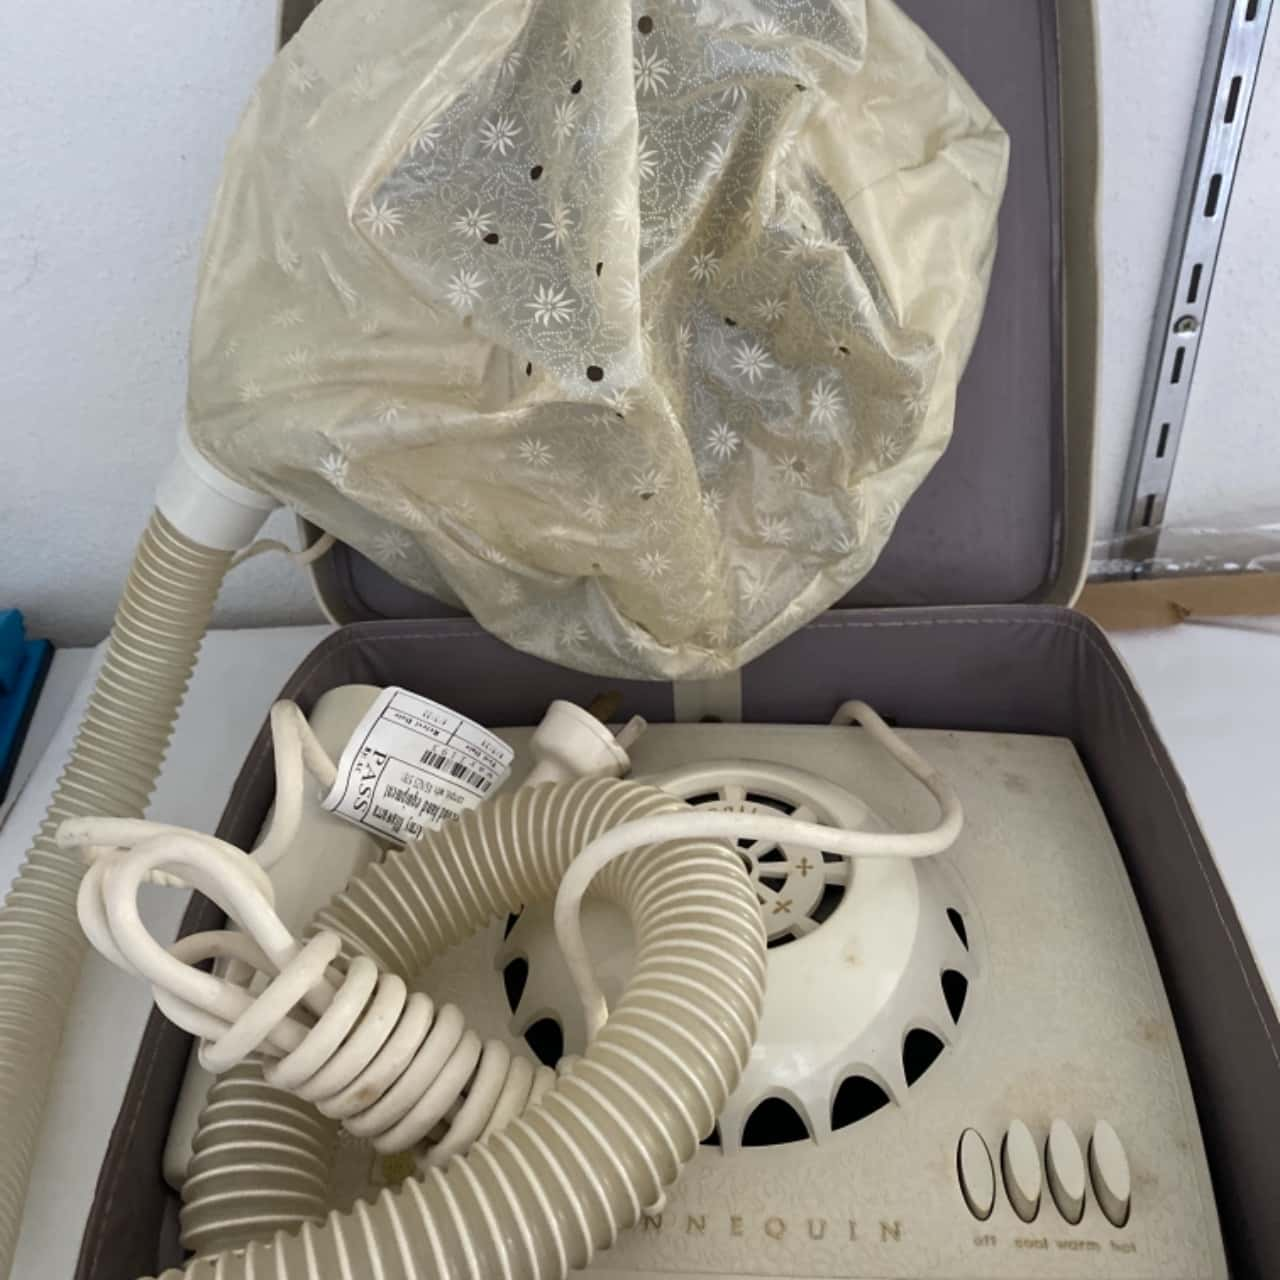 Mannequin AWA hair dryer 1950